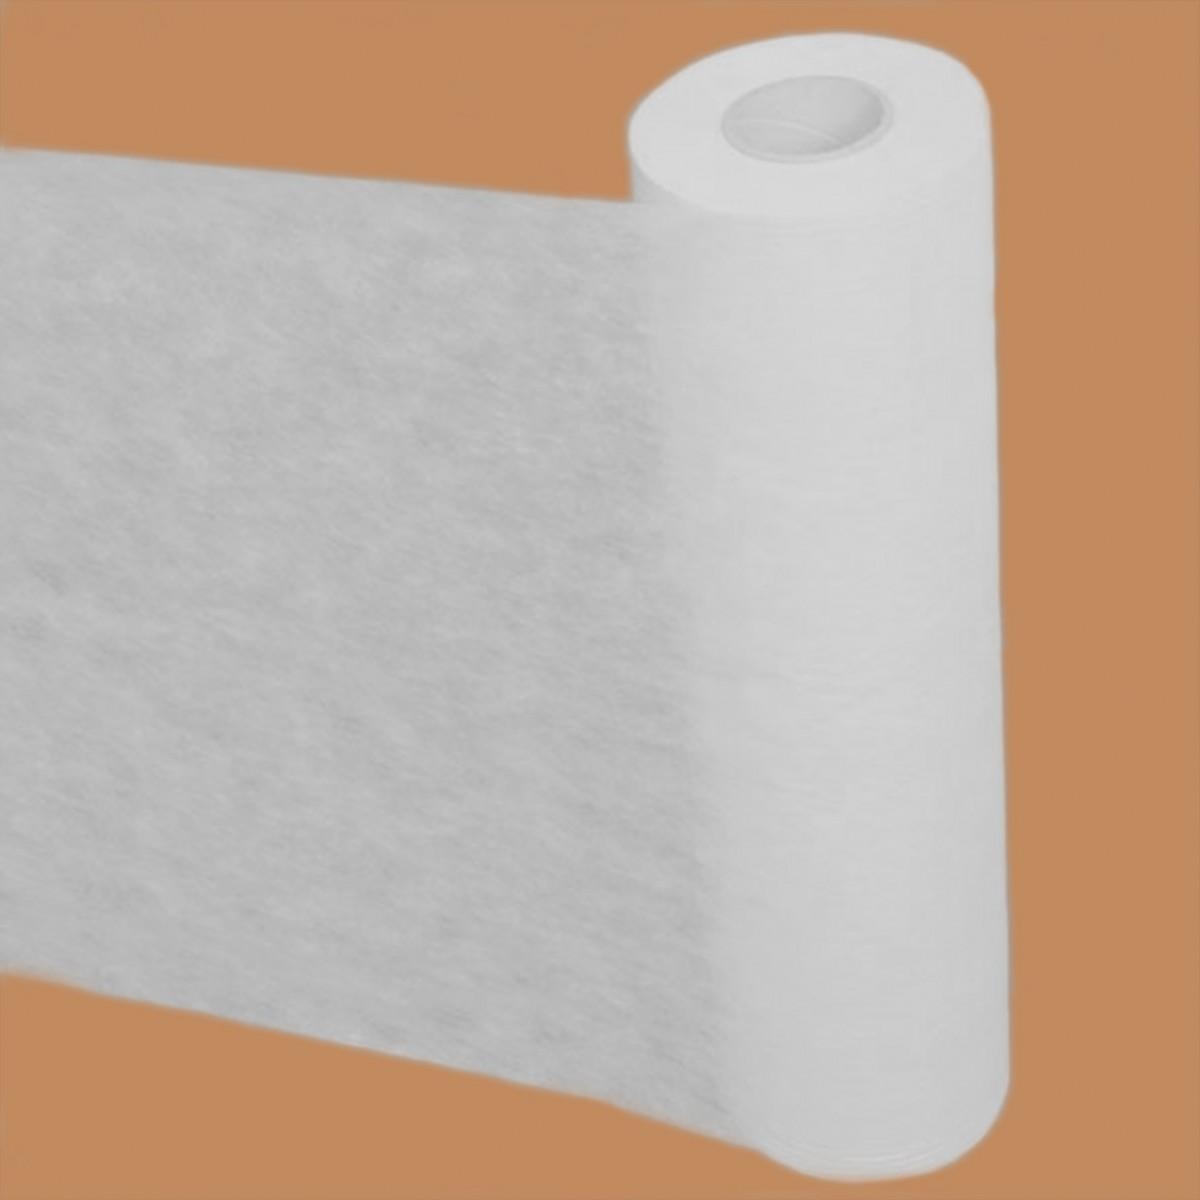 Простыни в рулонах с перфорацией , спанбонд 15 г/м2, белые